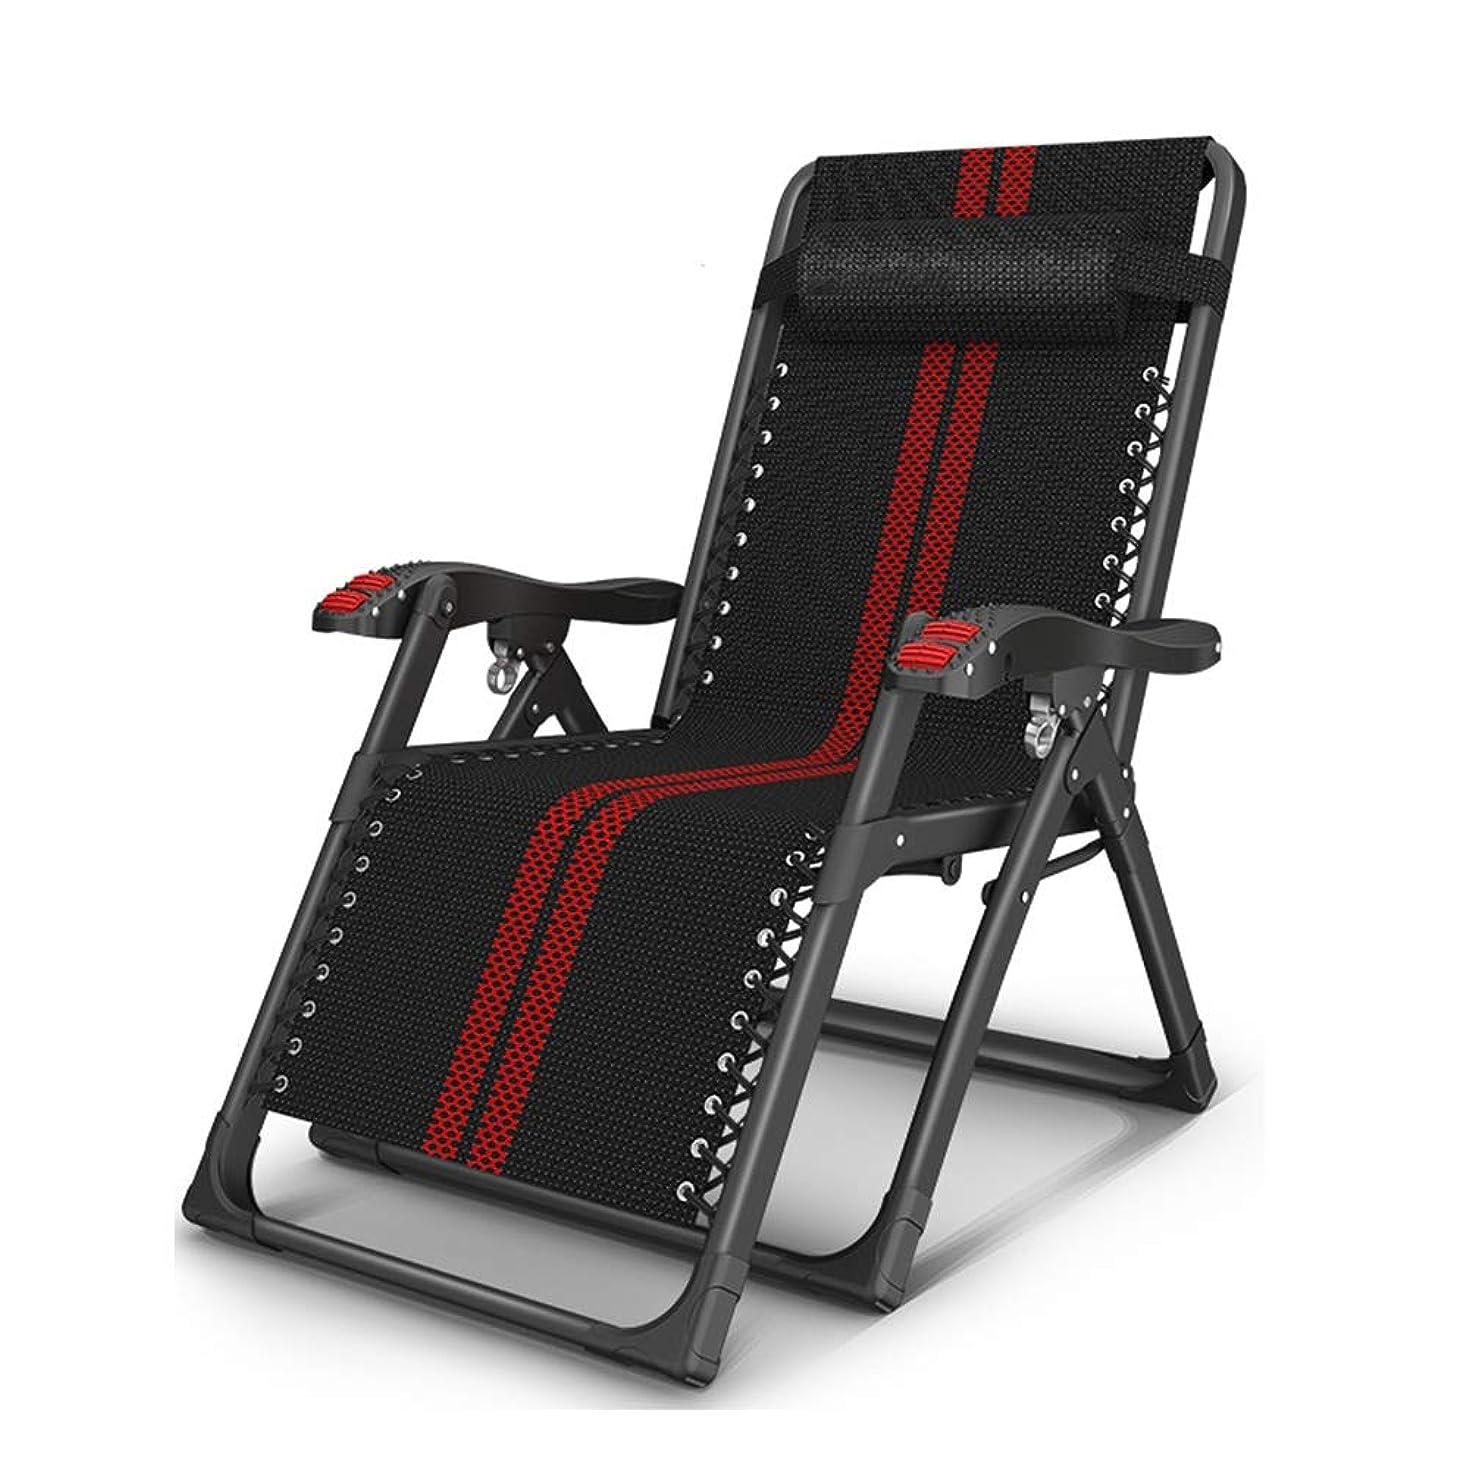 実験をする約表向きデッキチェア、調節可能な背もたれ高さ昼休み昼寝ベッドオフィスシングル背もたれポータブル折りたたみ椅子ホームチェア、レジャーバルコニー、椅子通気性ファブリックマッサージアームレスト